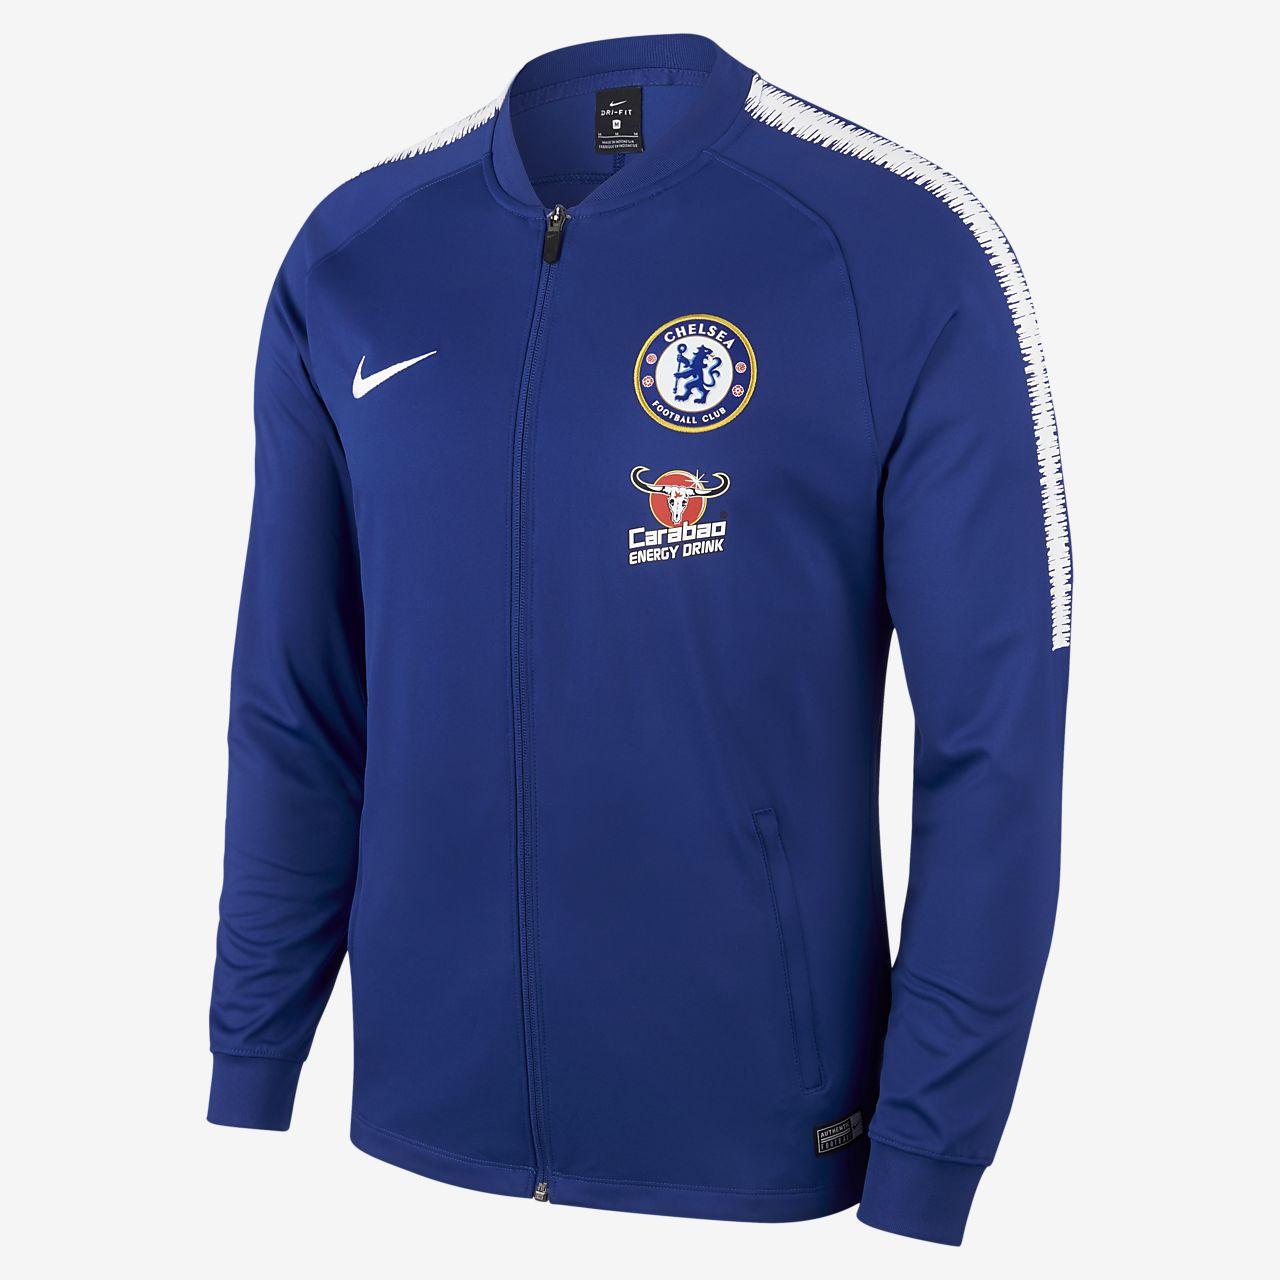 Squad Dri Fc Homme Pour Chelsea De Veste Fit Survêtement Football qUwZ0ggX6